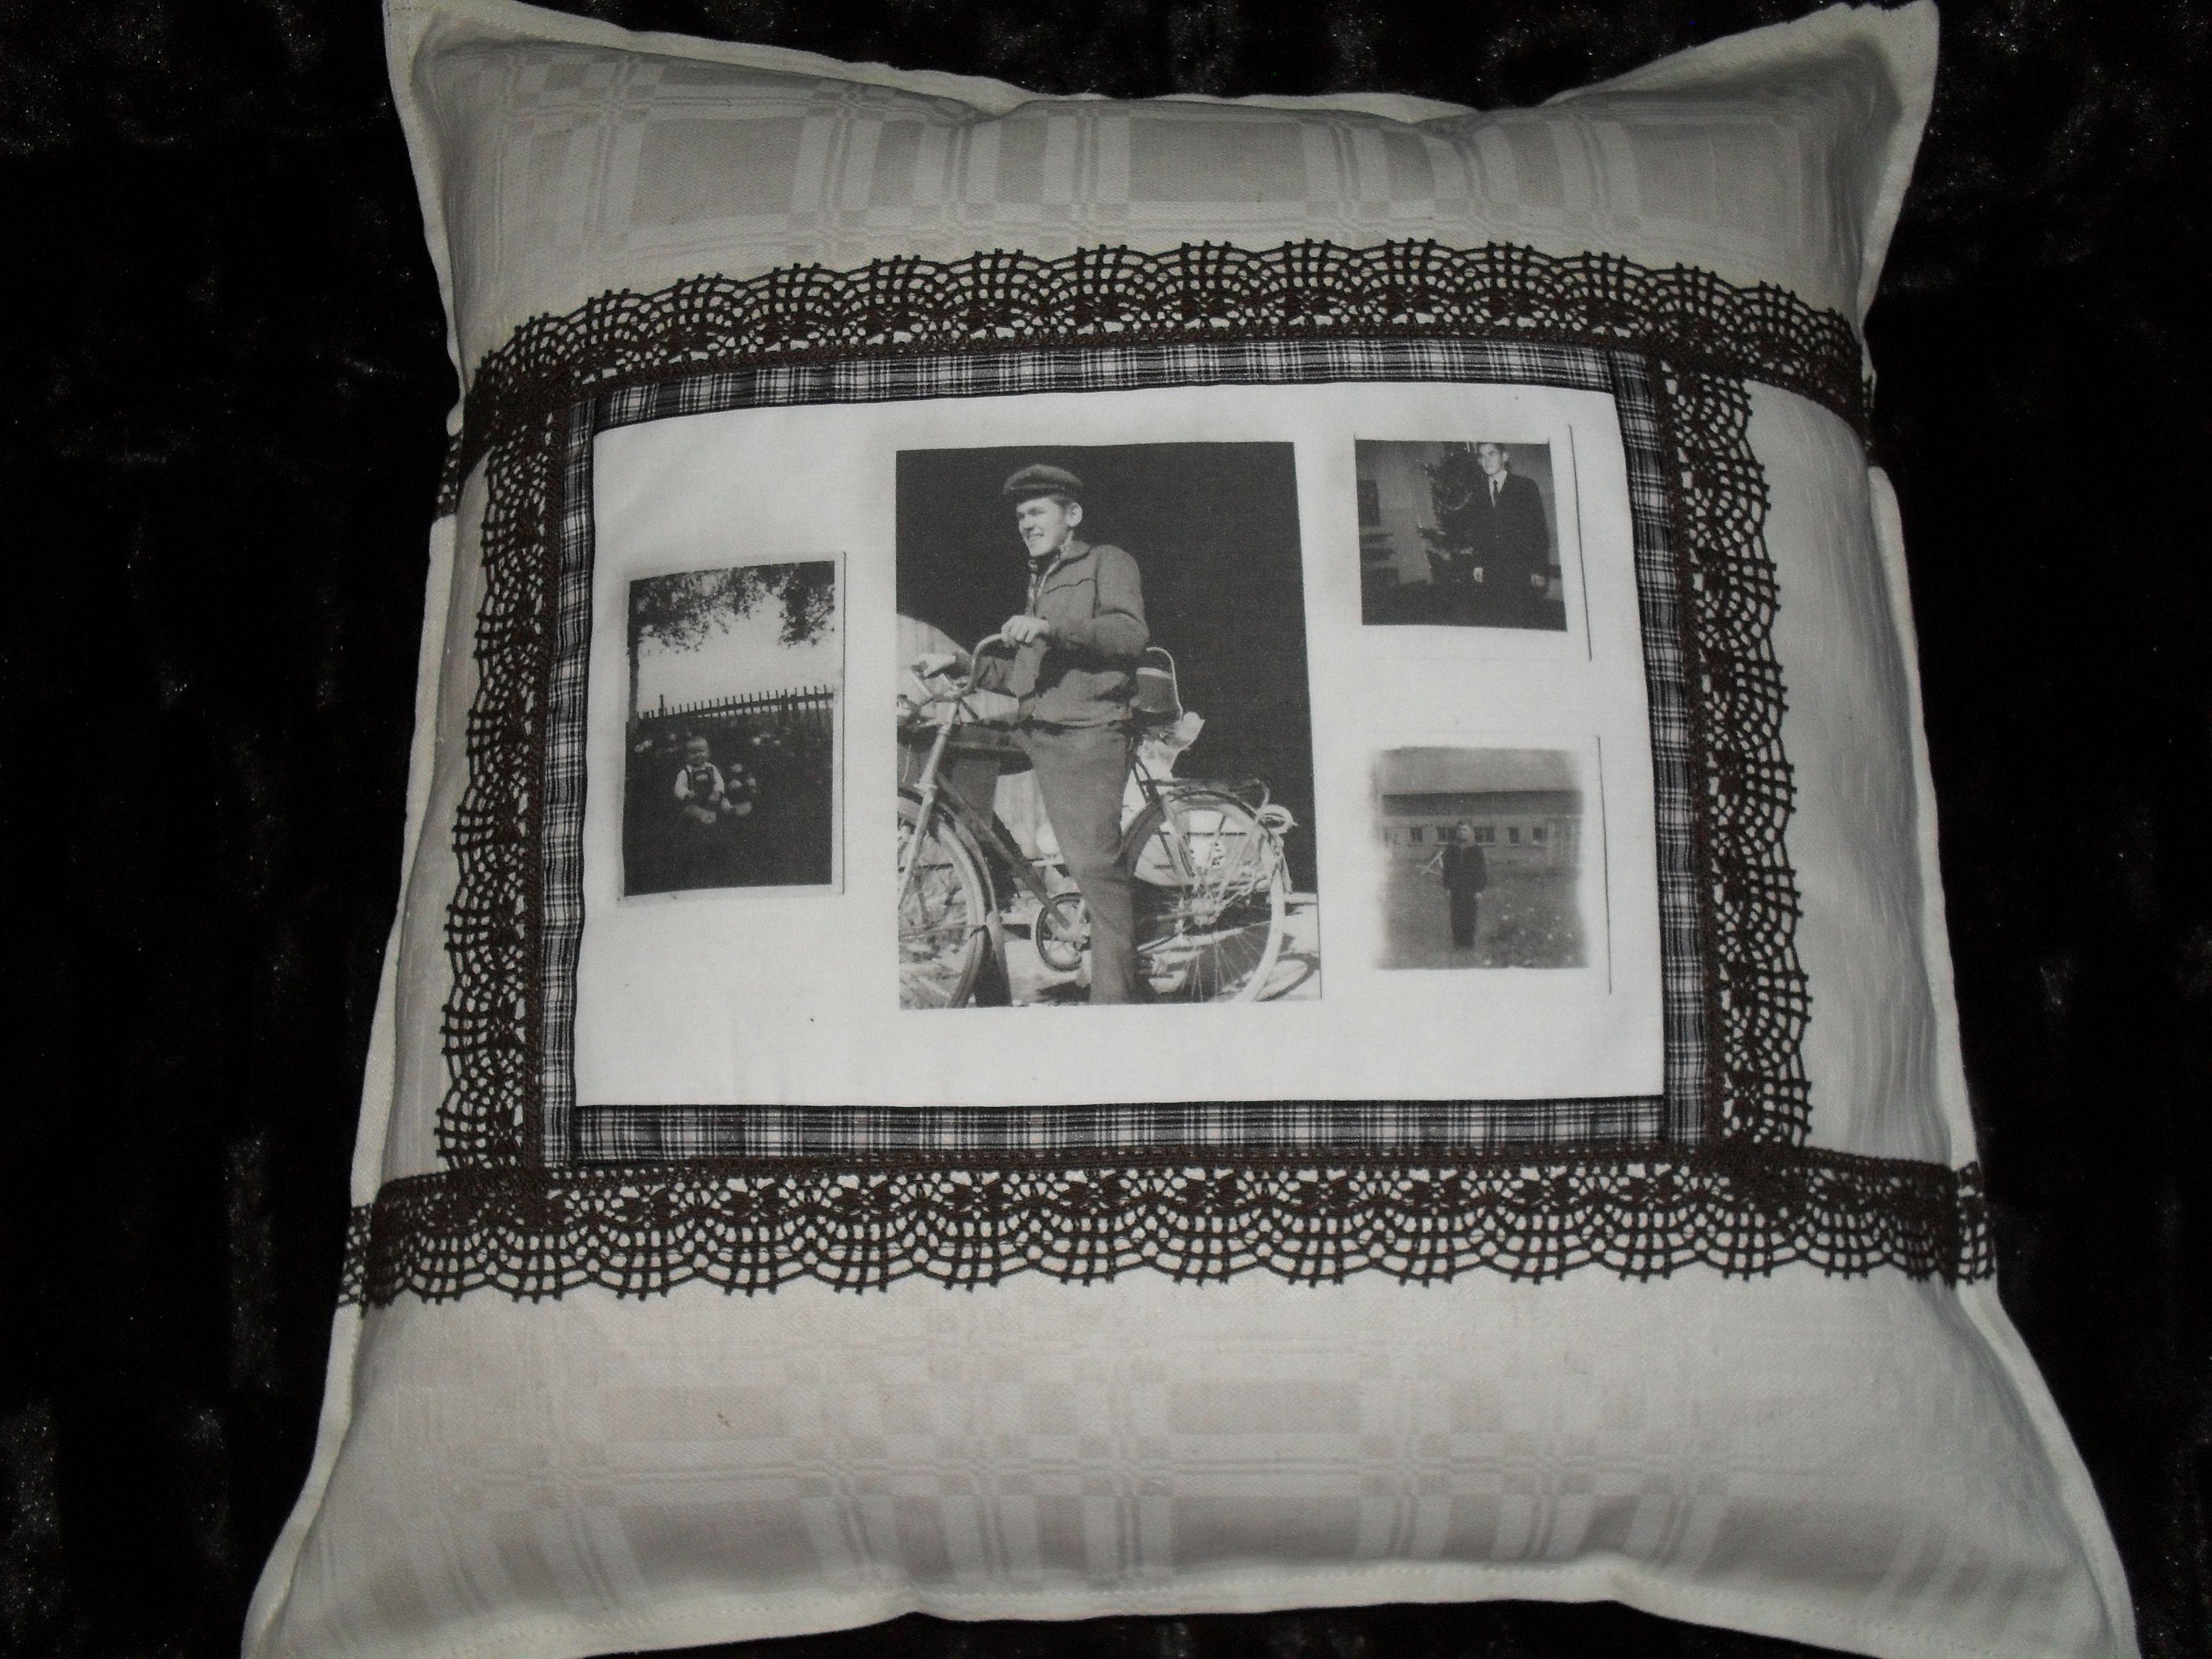 Vanhoista valokuvista tyynyjä ...nostalgiaa.  Tyynyn pohjakankaana äitini käsin tekemä pöytäliina. Monet ystävistäni, sisaruksista  ym. ovat saaneet vastaavanlaisia retro-tyynyjä jouluna, syntymäpäivälahjana ym.